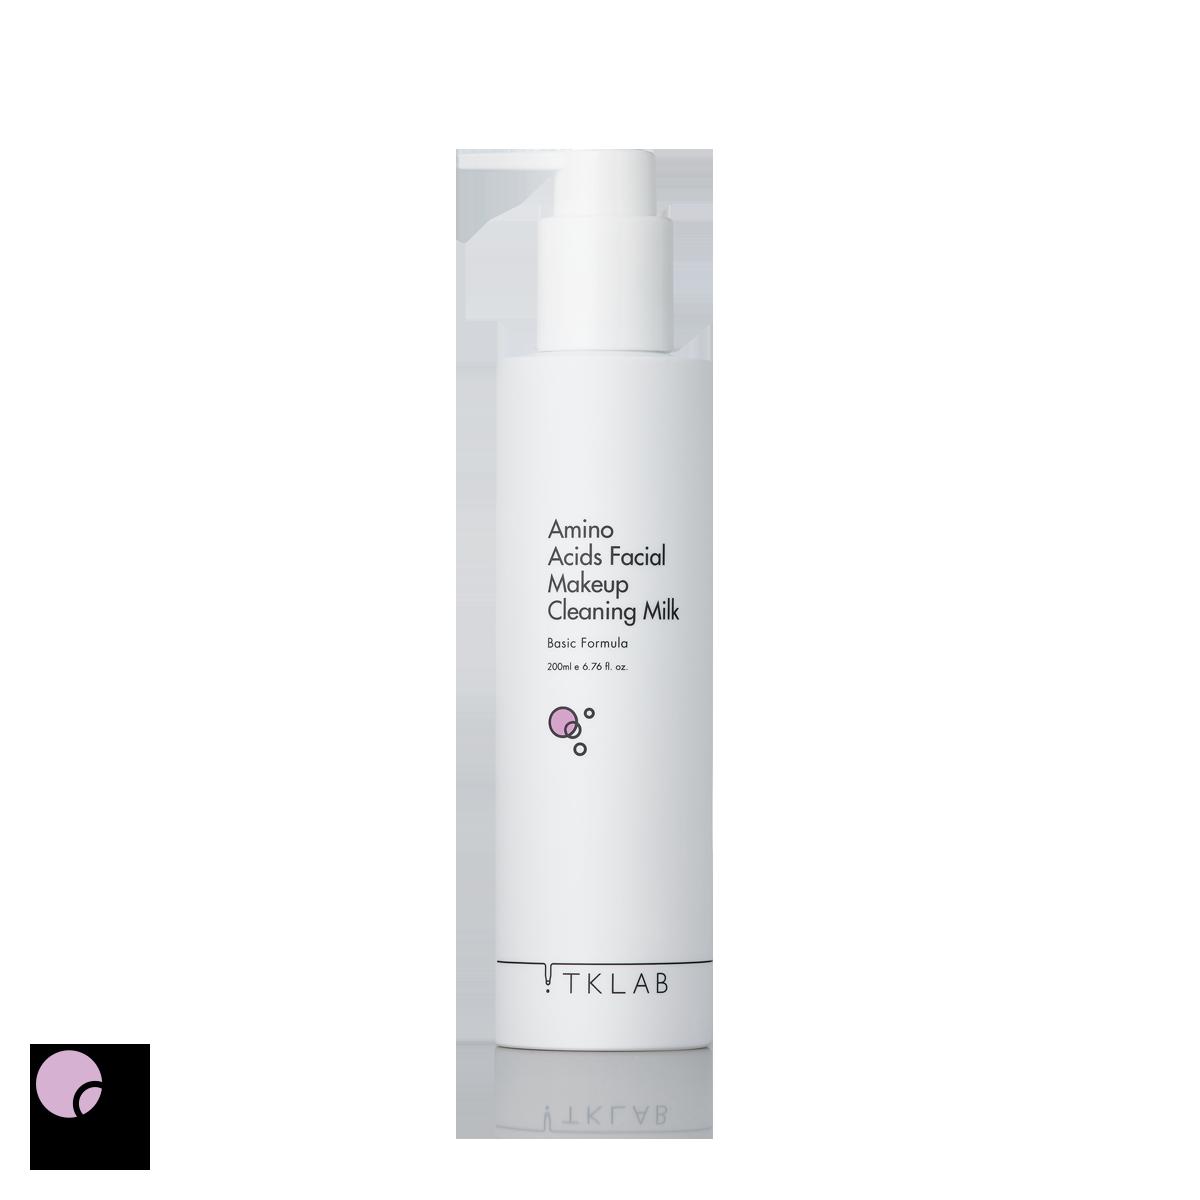 氨基酸溫和卸妝乳